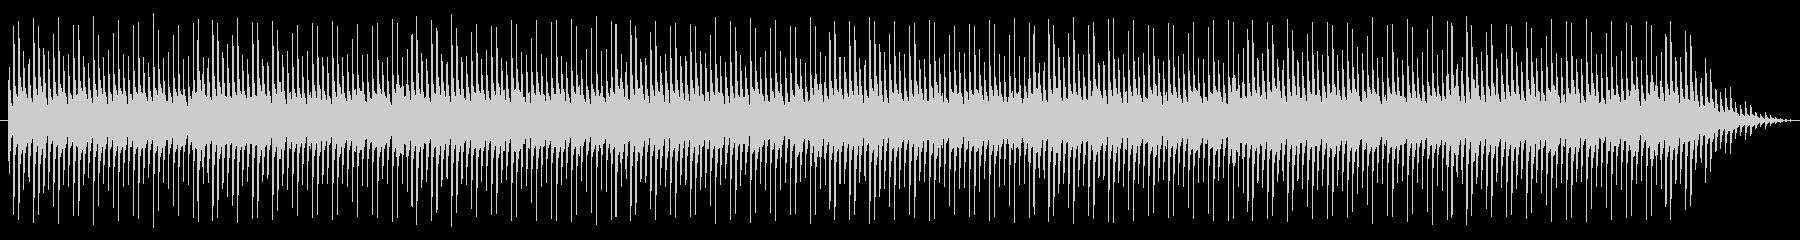 【ニュースBGM】事件の概要【ループ可】の未再生の波形